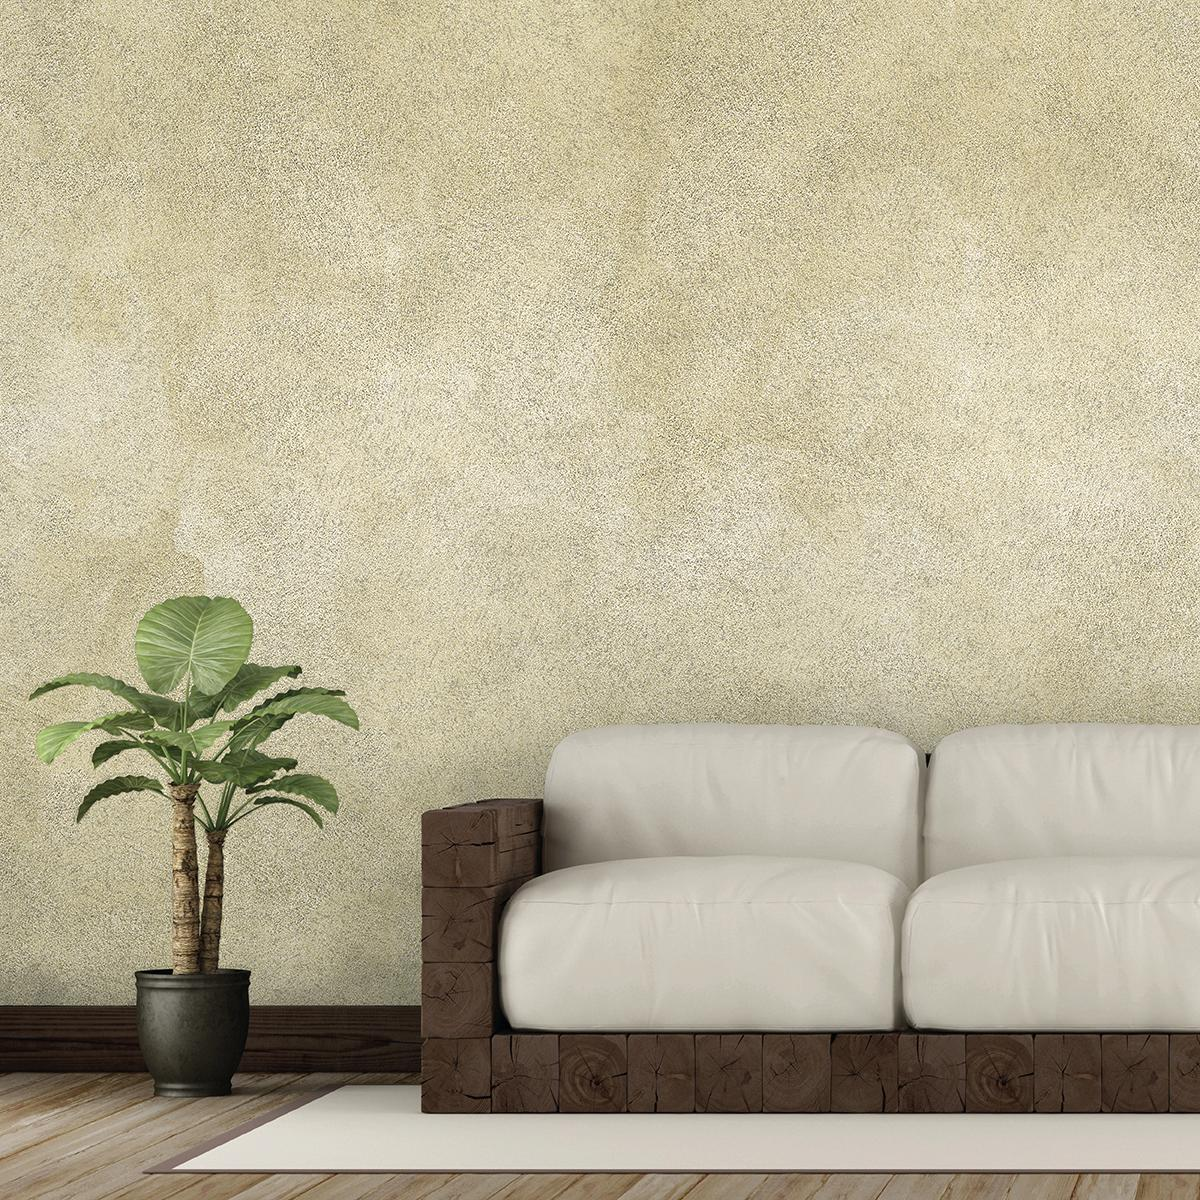 Pittura decorativa ecologica, capace di creare in base all'angolo della luce. Pittura Con Effetti Decorativi Leroy Merlin